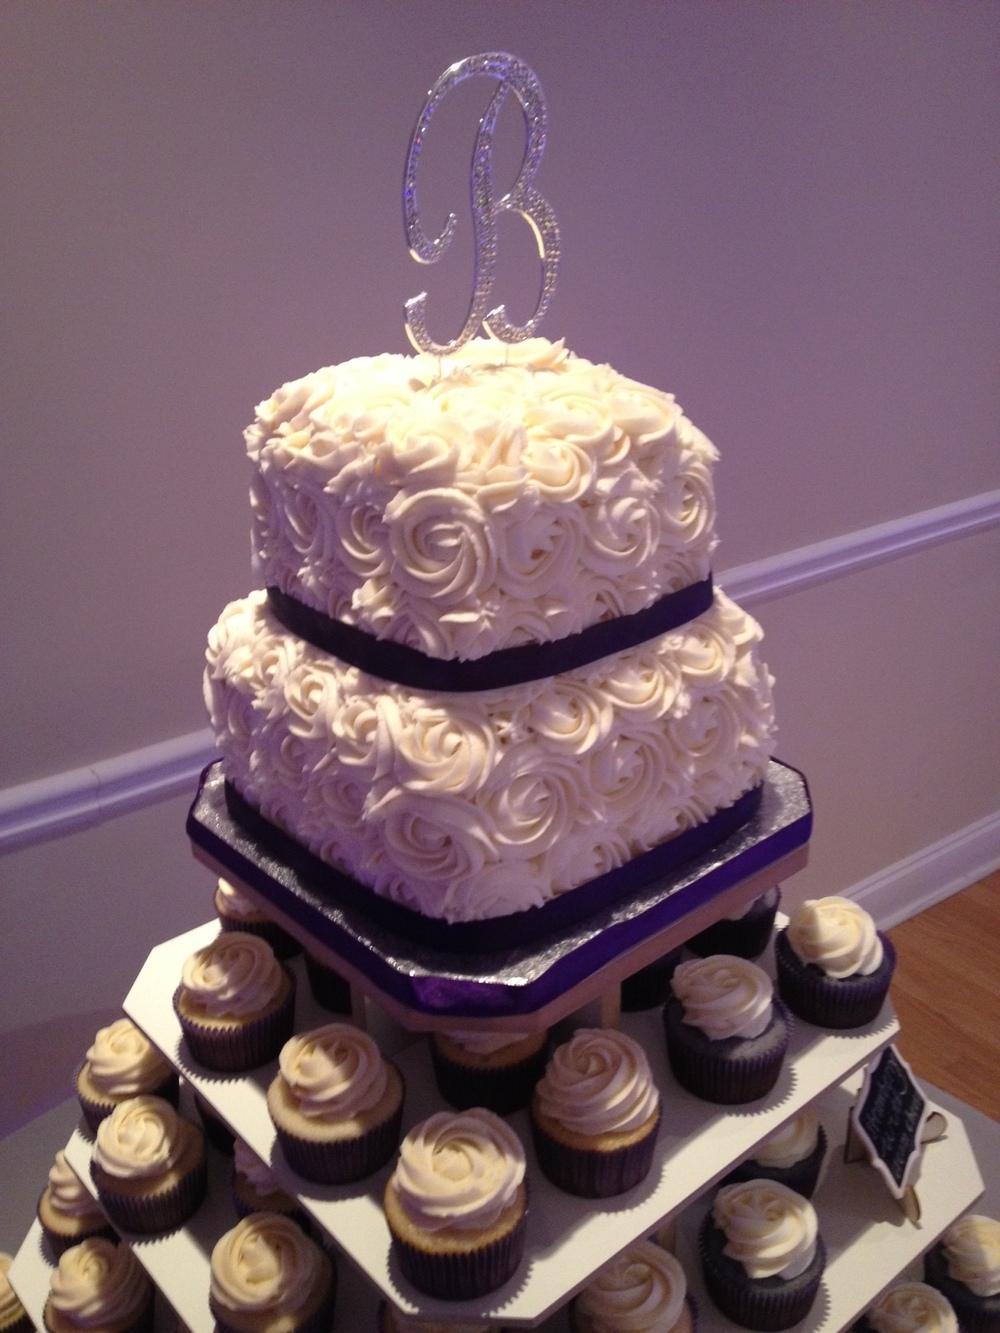 Cupcake Wedding Cake 4.jpeg